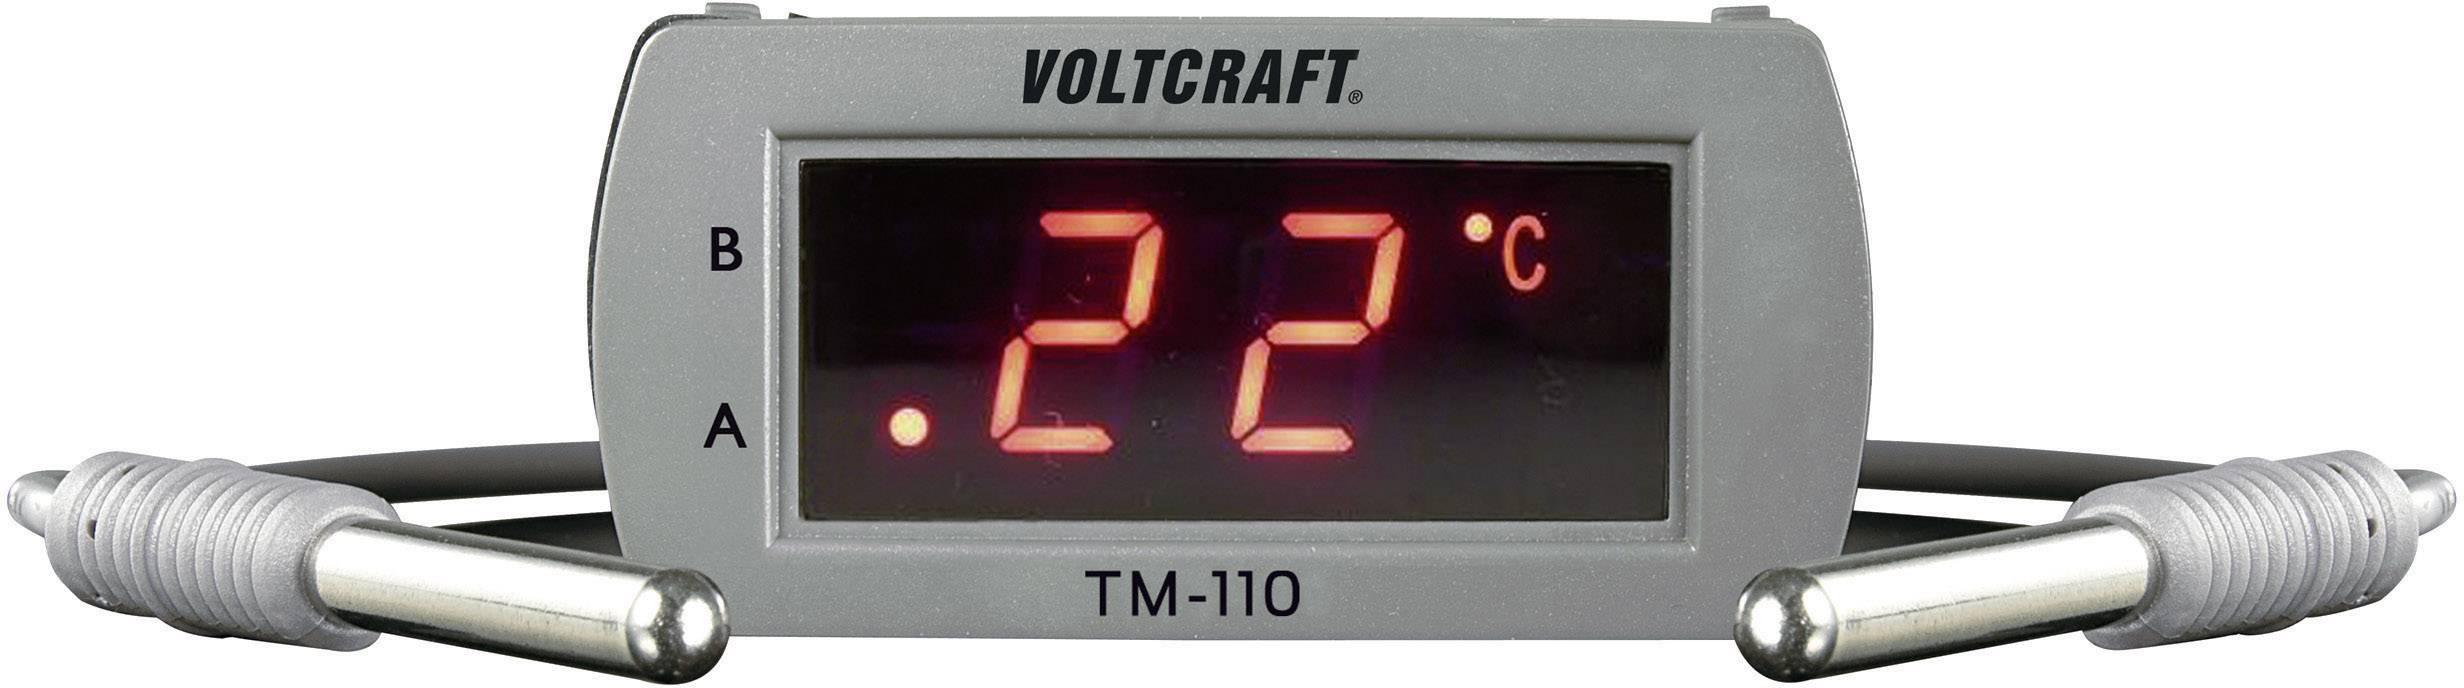 Panelový teplotní LED modul Voltcraft TM-110, 58 x 26 mm, -49 až 99 °C